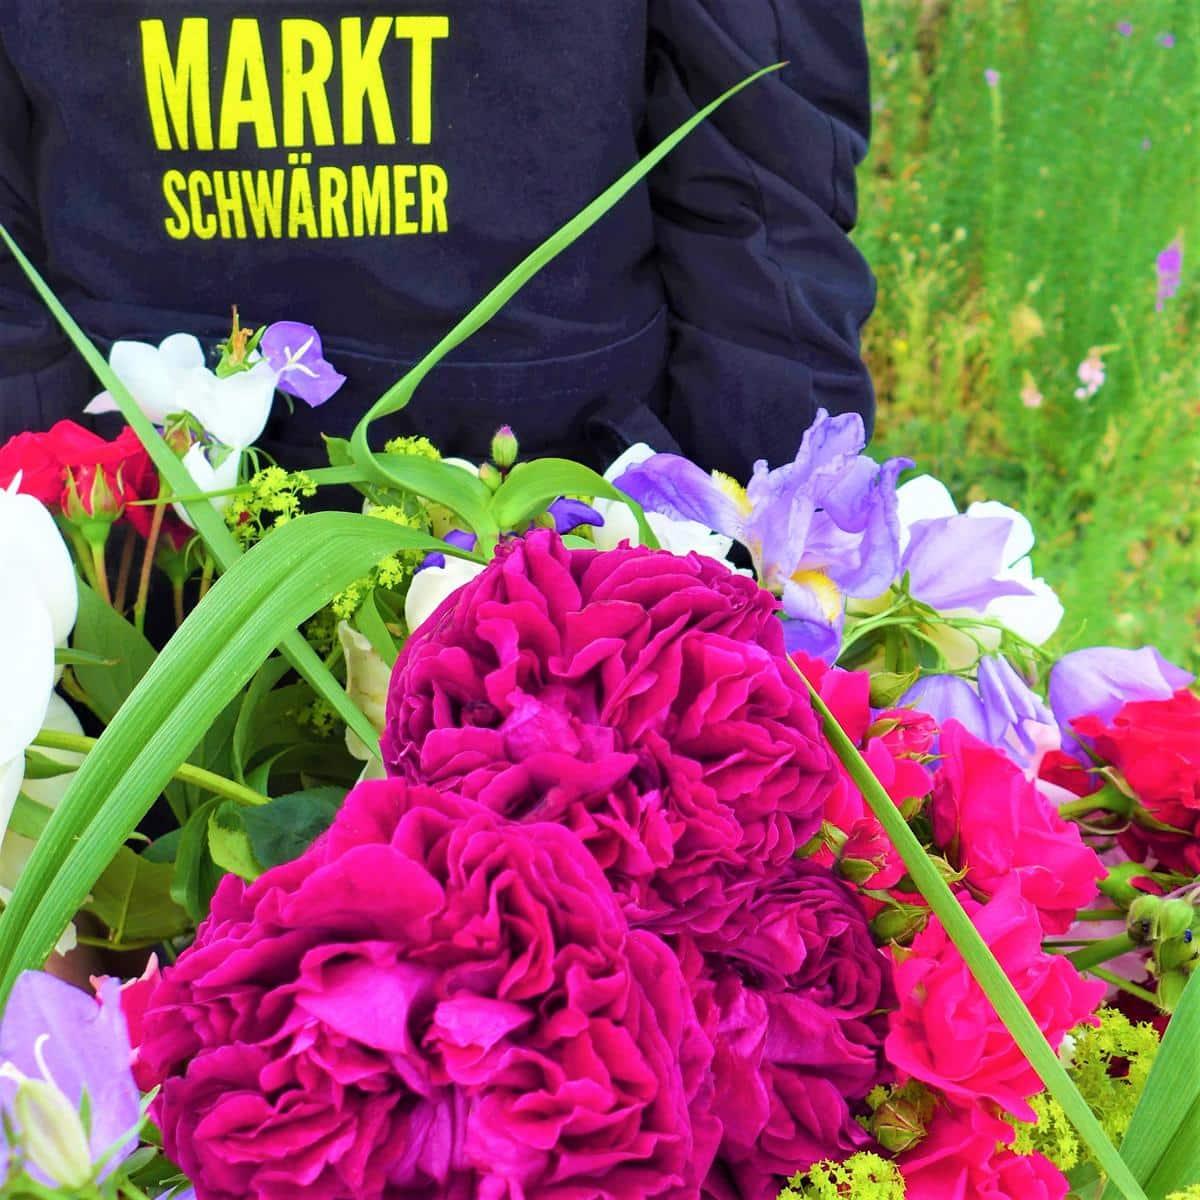 Style Hannover Ahlemer Marktschwärmerei 6 - Ahlemer Marktschwärmerei - Regional und Transparent